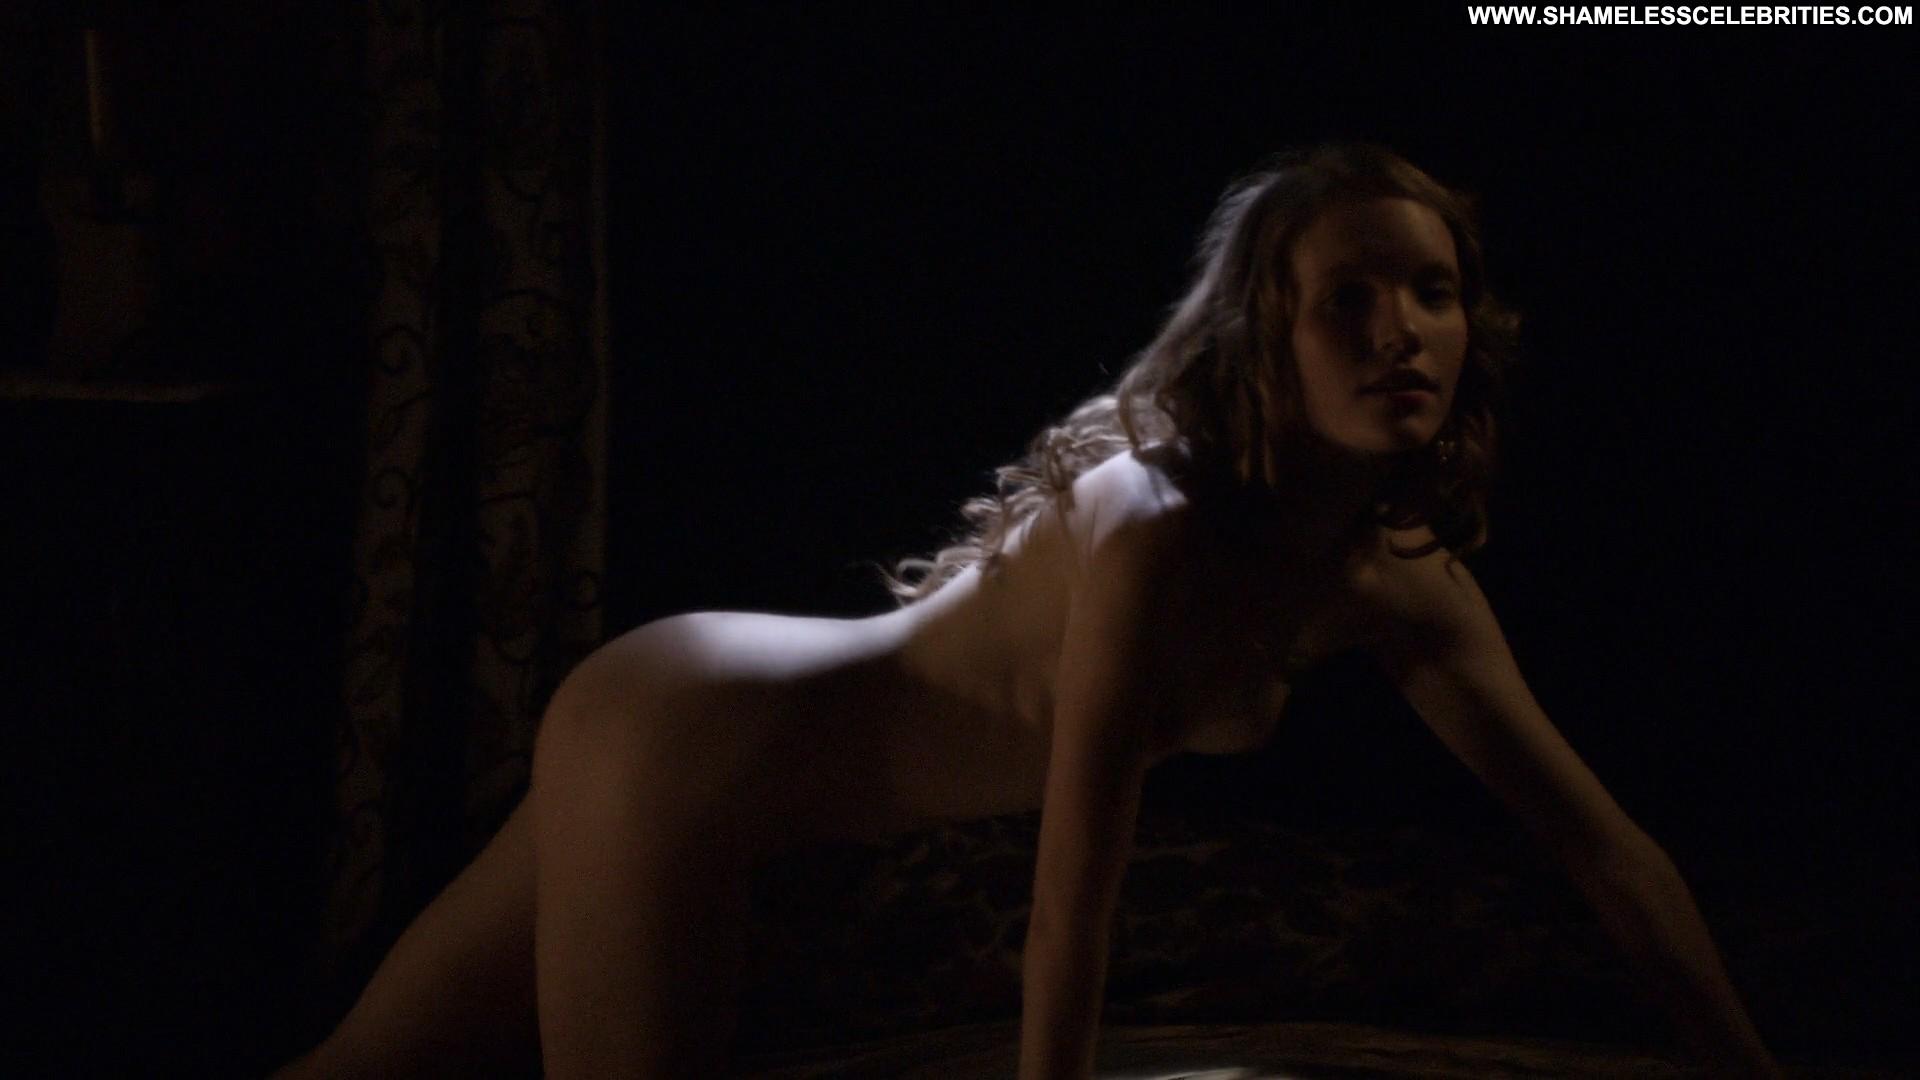 Has Tamzin Merchant Ever Been Nude